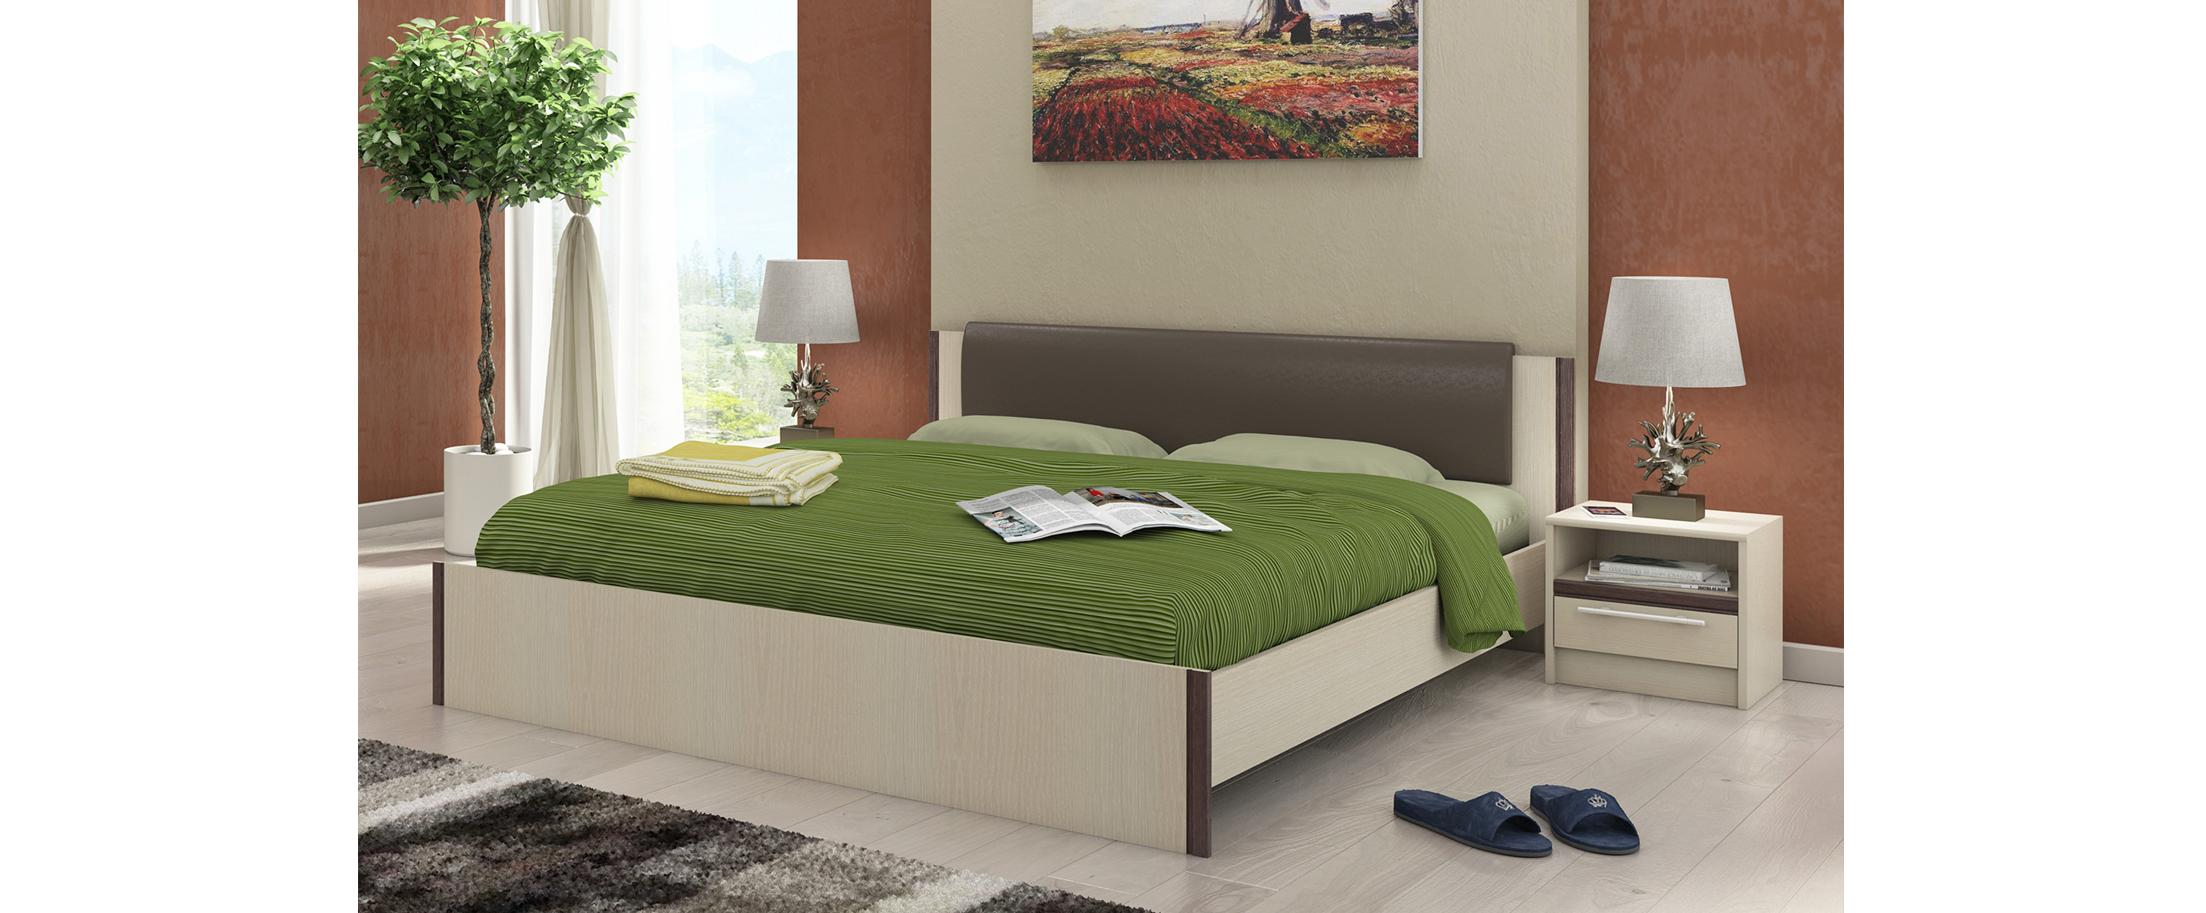 Кровать двуспальная Новелла Модель 290